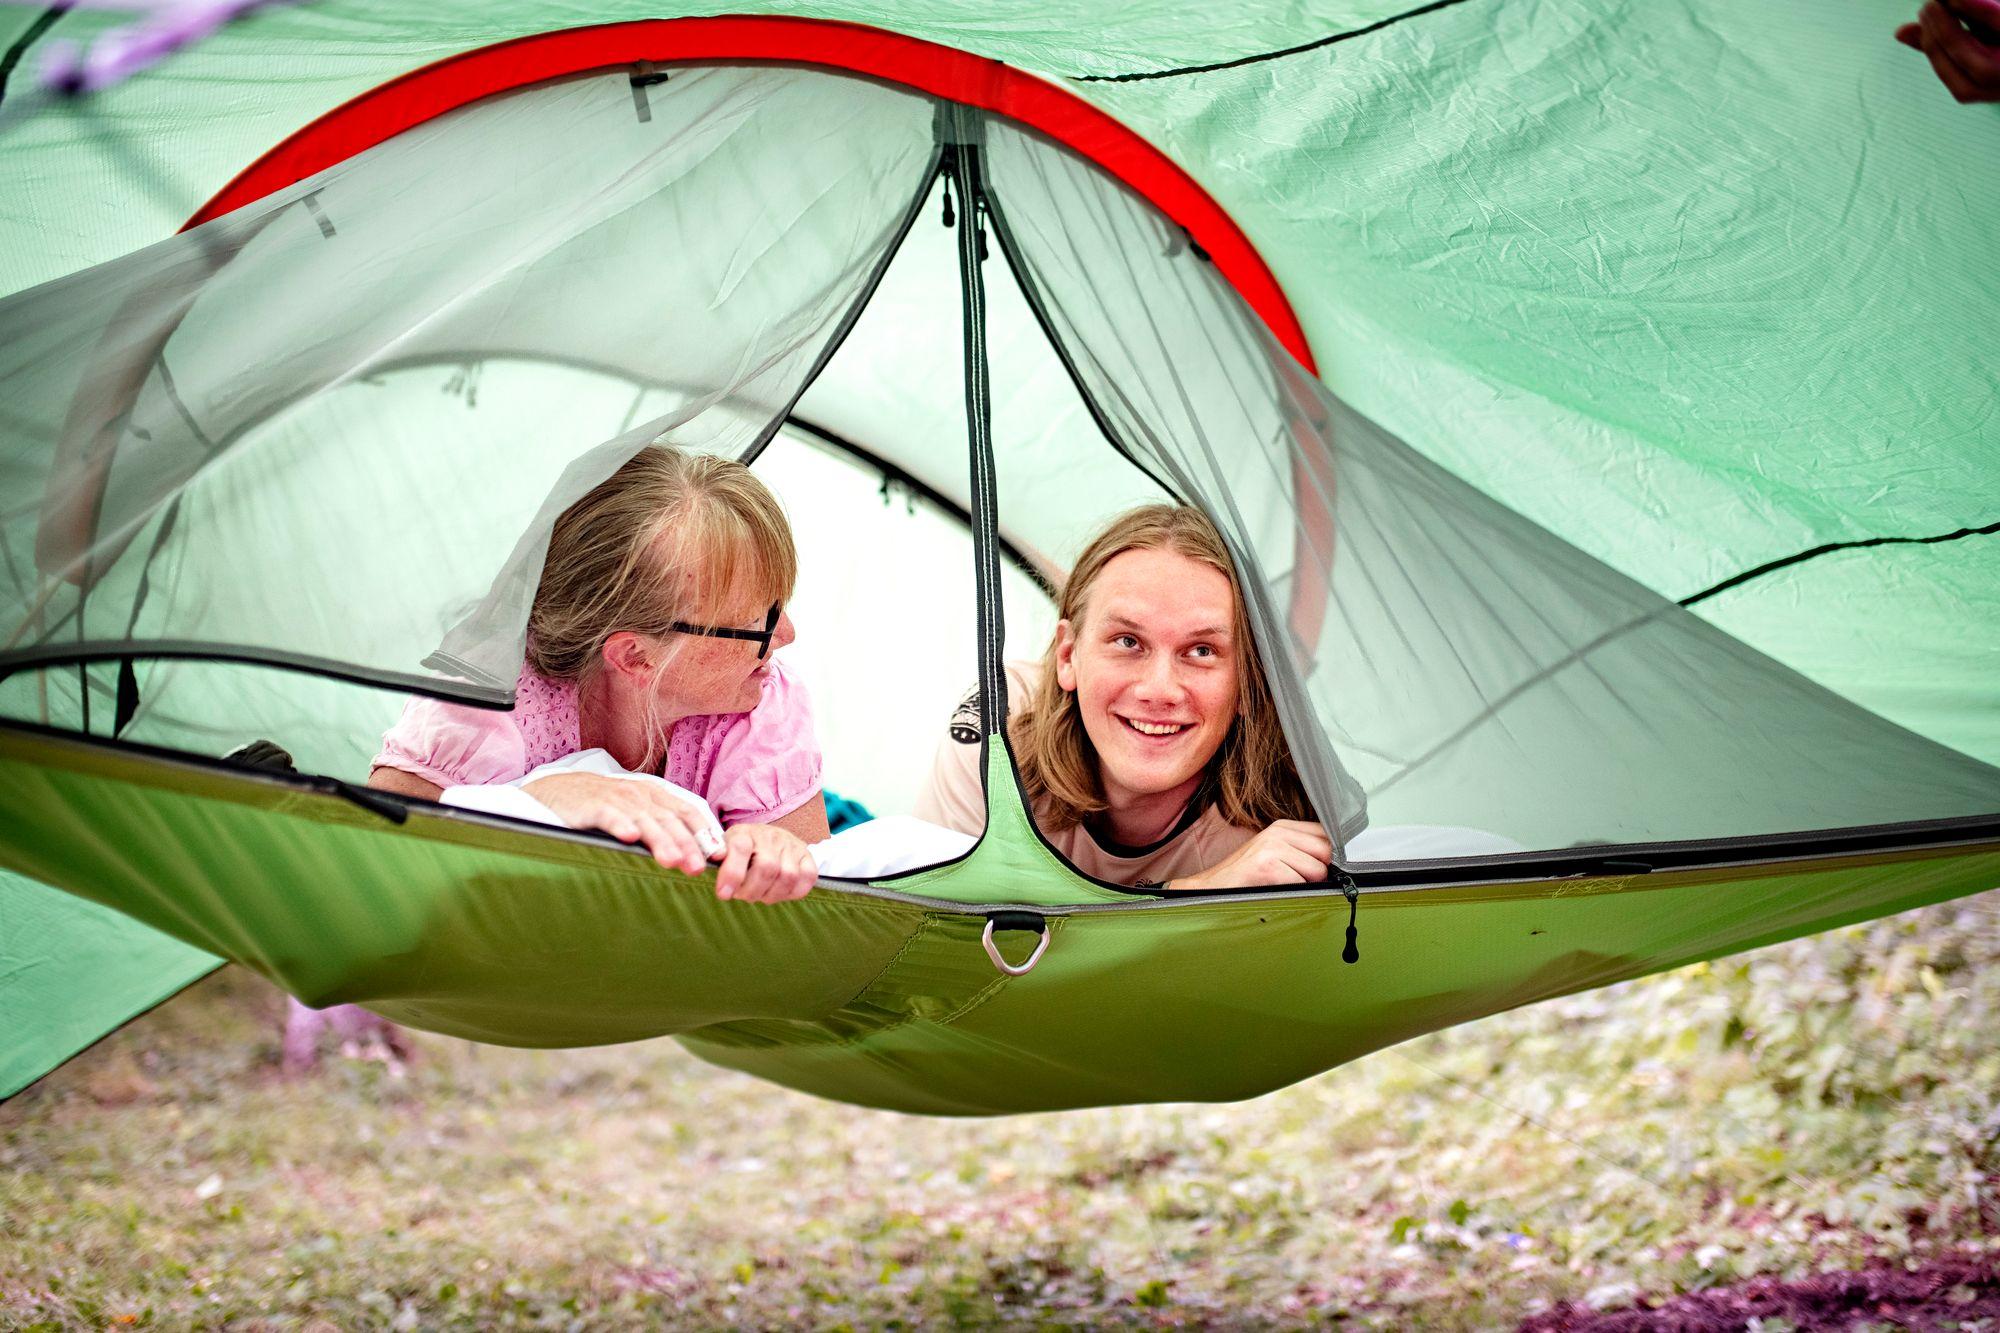 Yö puiden väliin ripustettavassa teltassa oli uusi kokemus. © Päivi Karjalainen